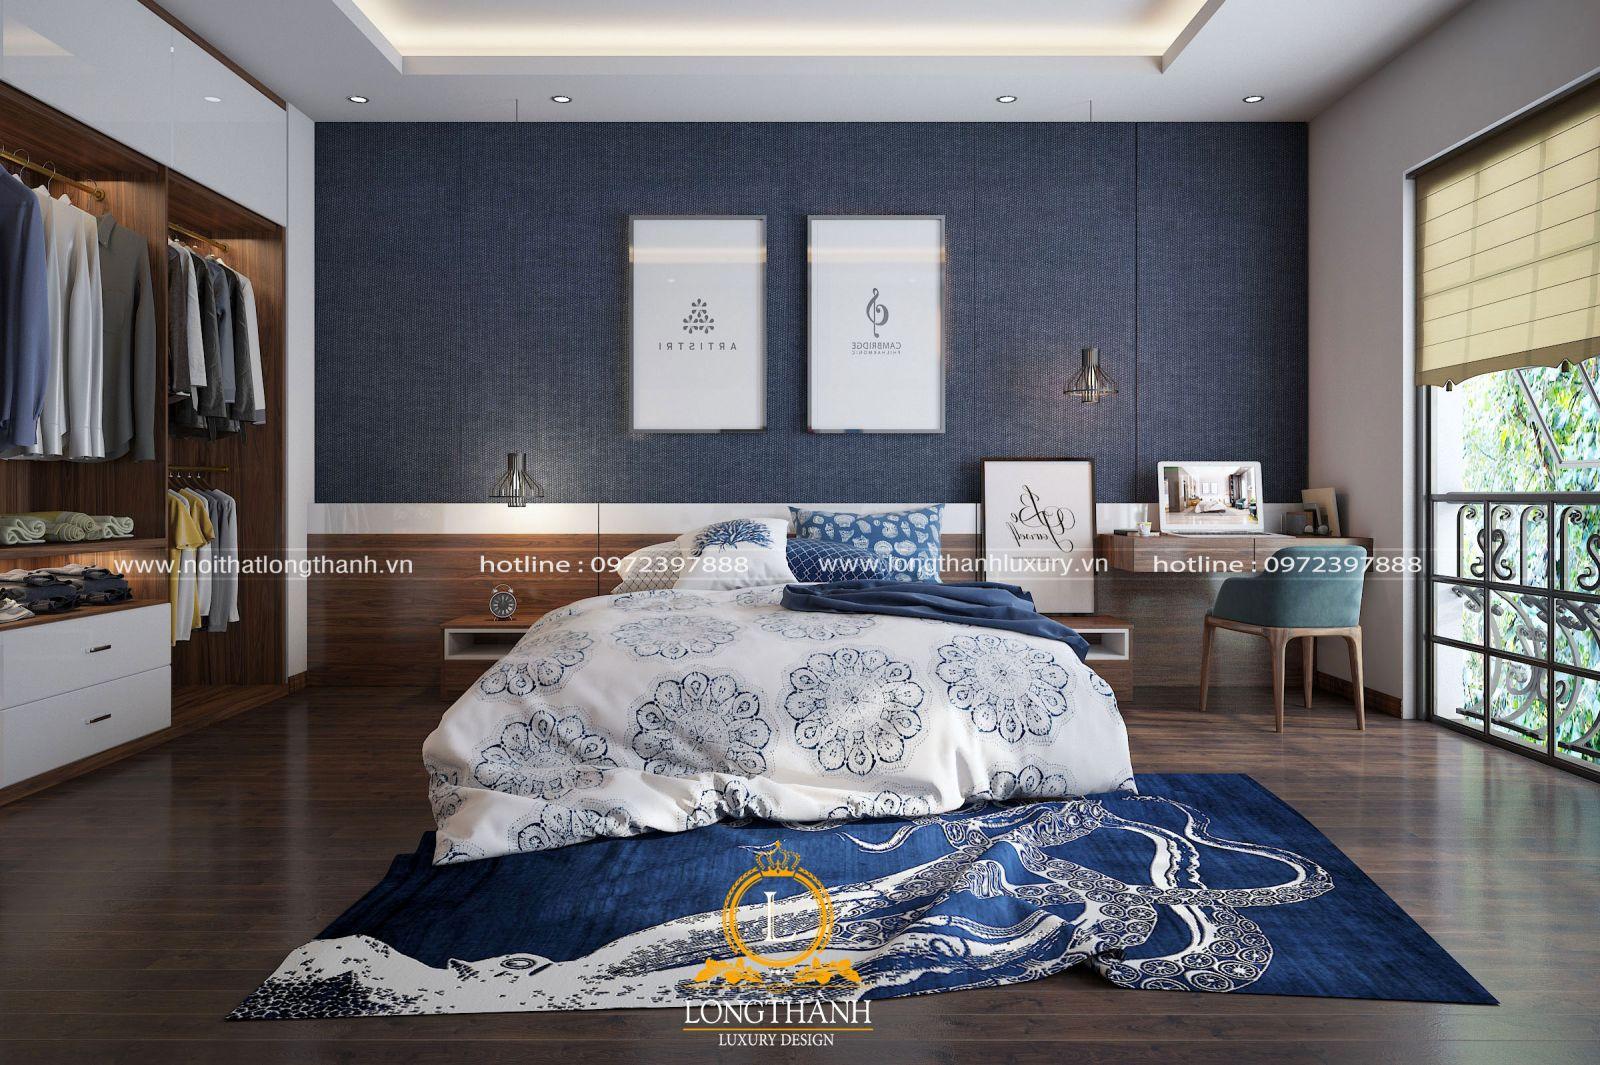 Nội thất phòng ngủ nhẹ nhàng với màu xanh dương